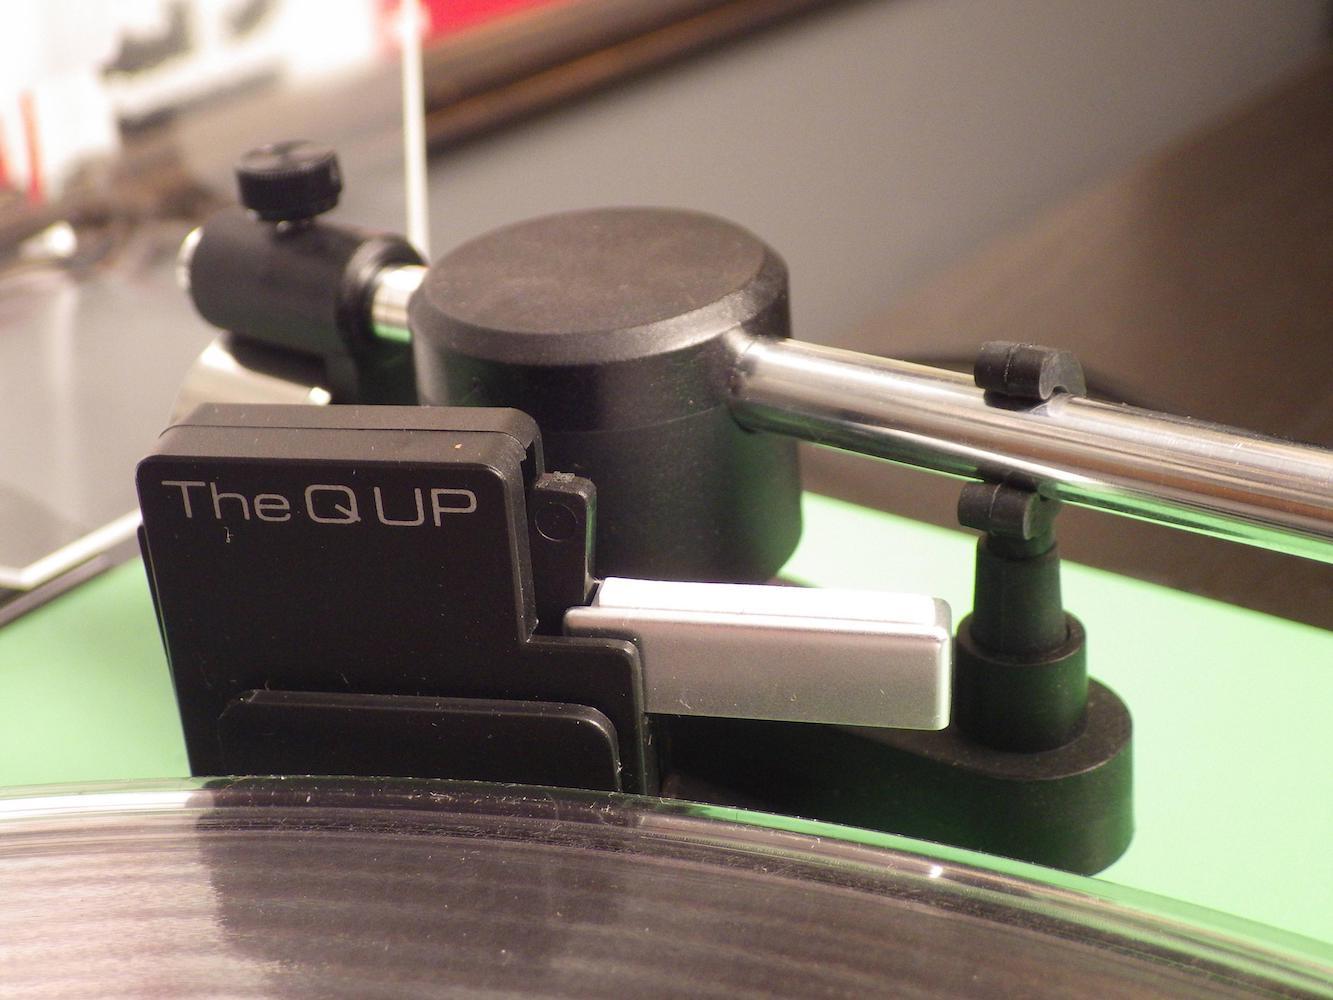 u-Turn Orbit Plus Modern Turntable